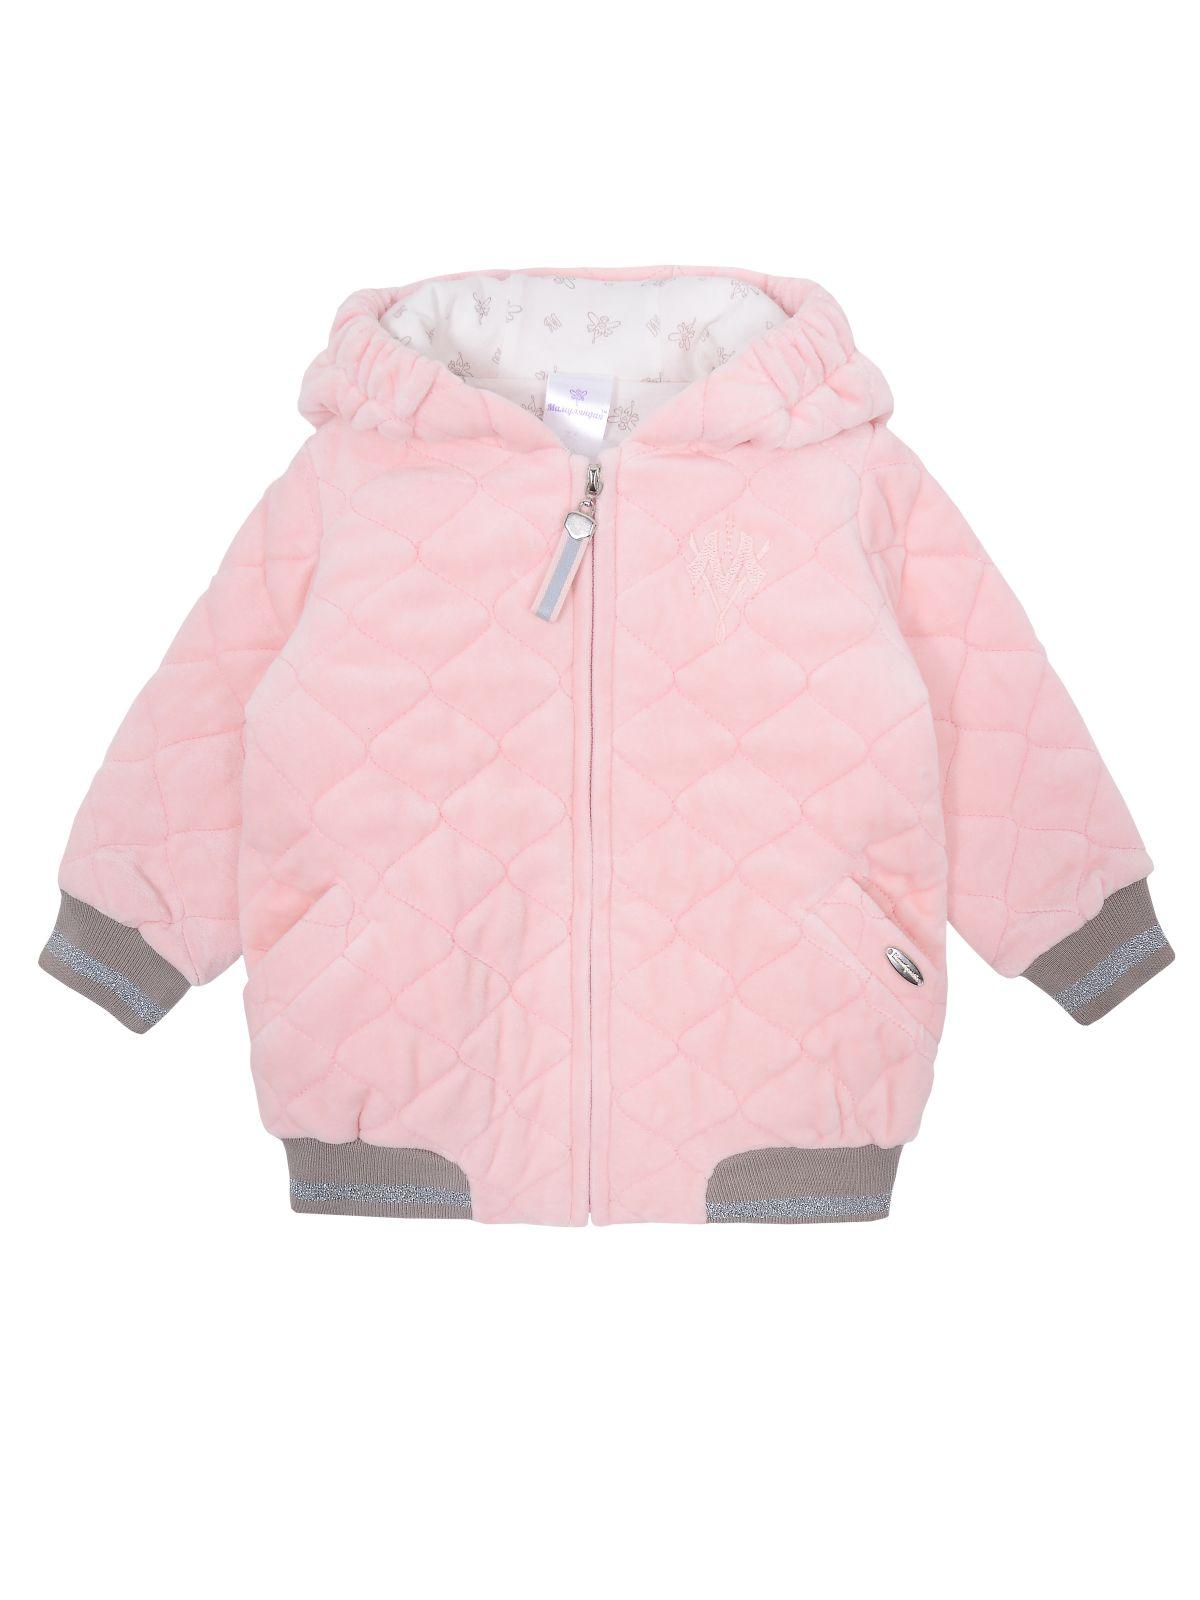 Куртка для девочки Мамуляндия 19-508, Велюр, Розовый р. 98